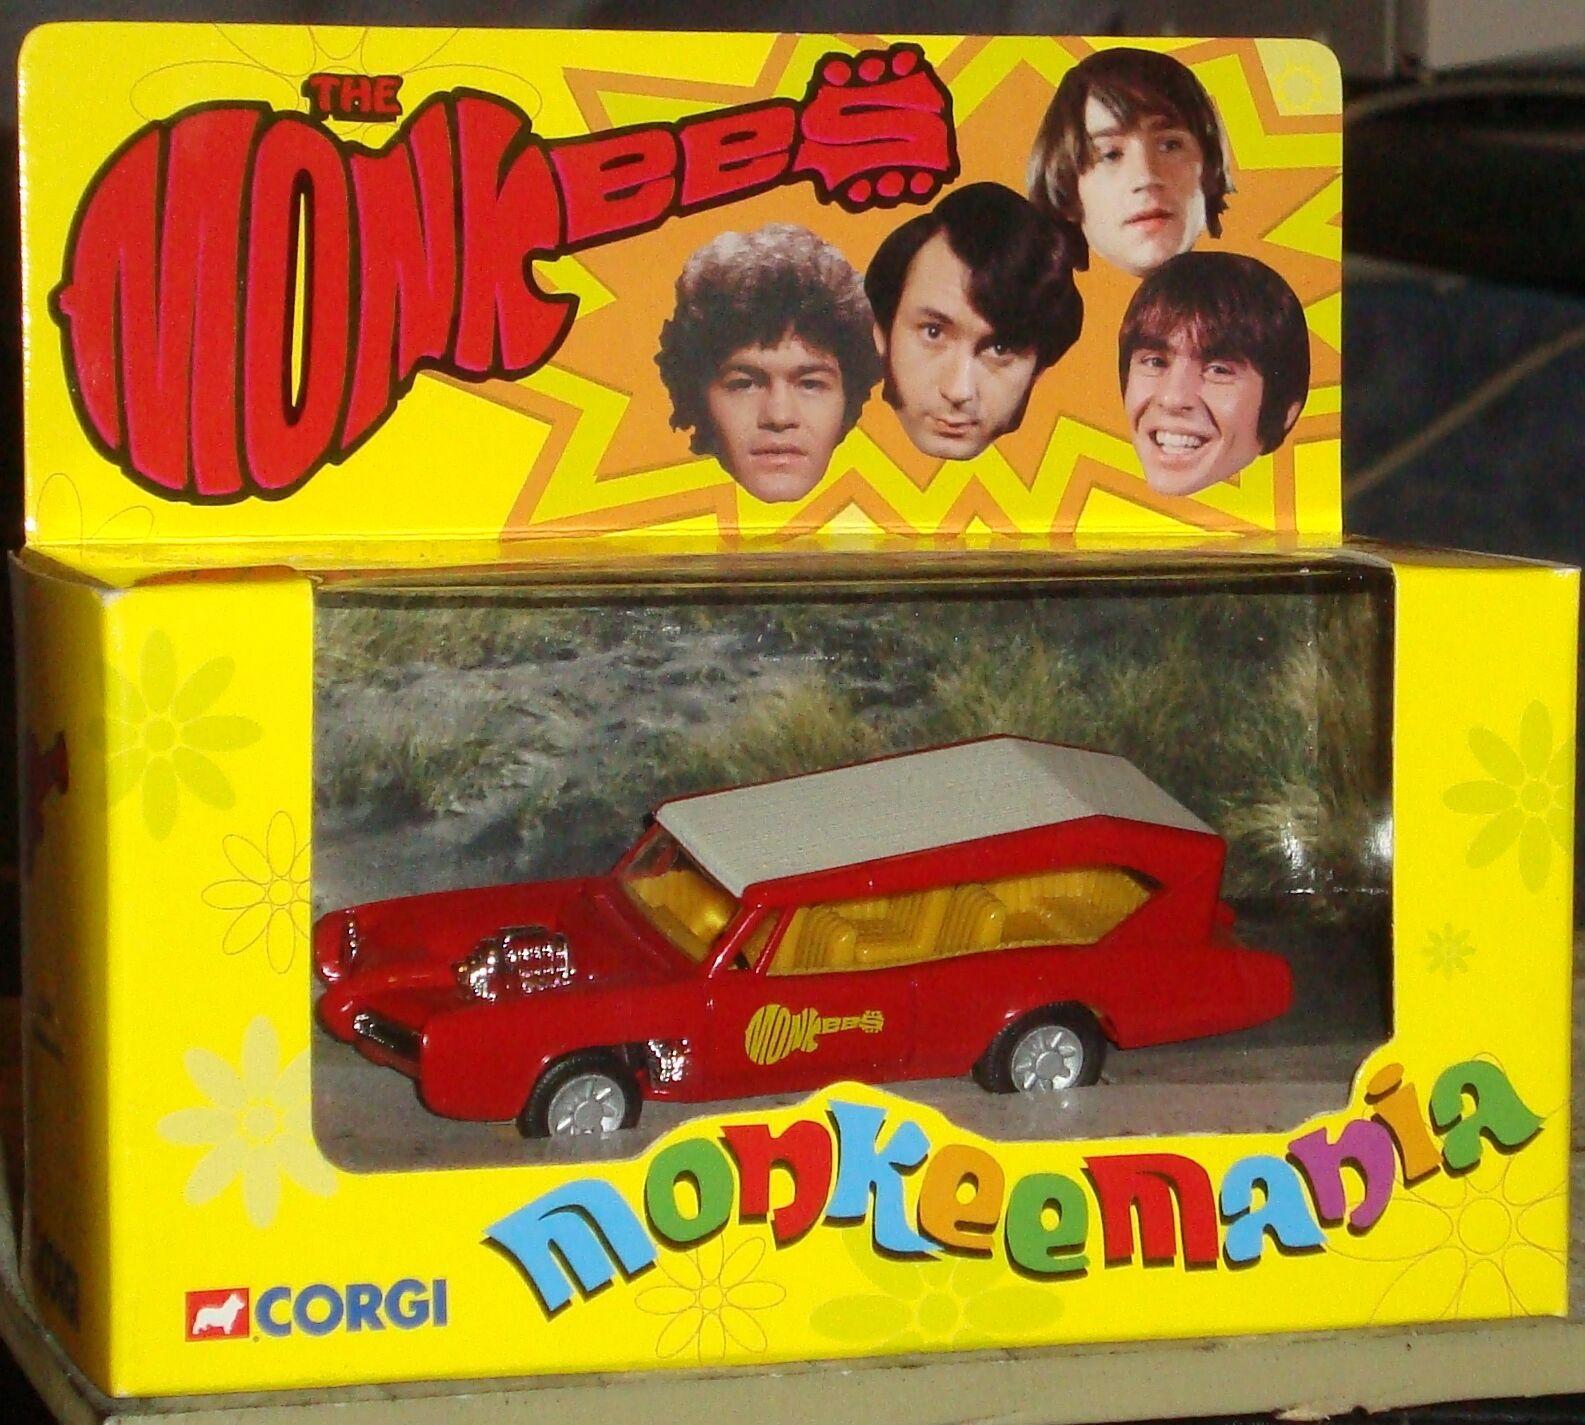 MONKEbilenE - MINT OCH lådaED CC52405 - c2001 - BARGAIN